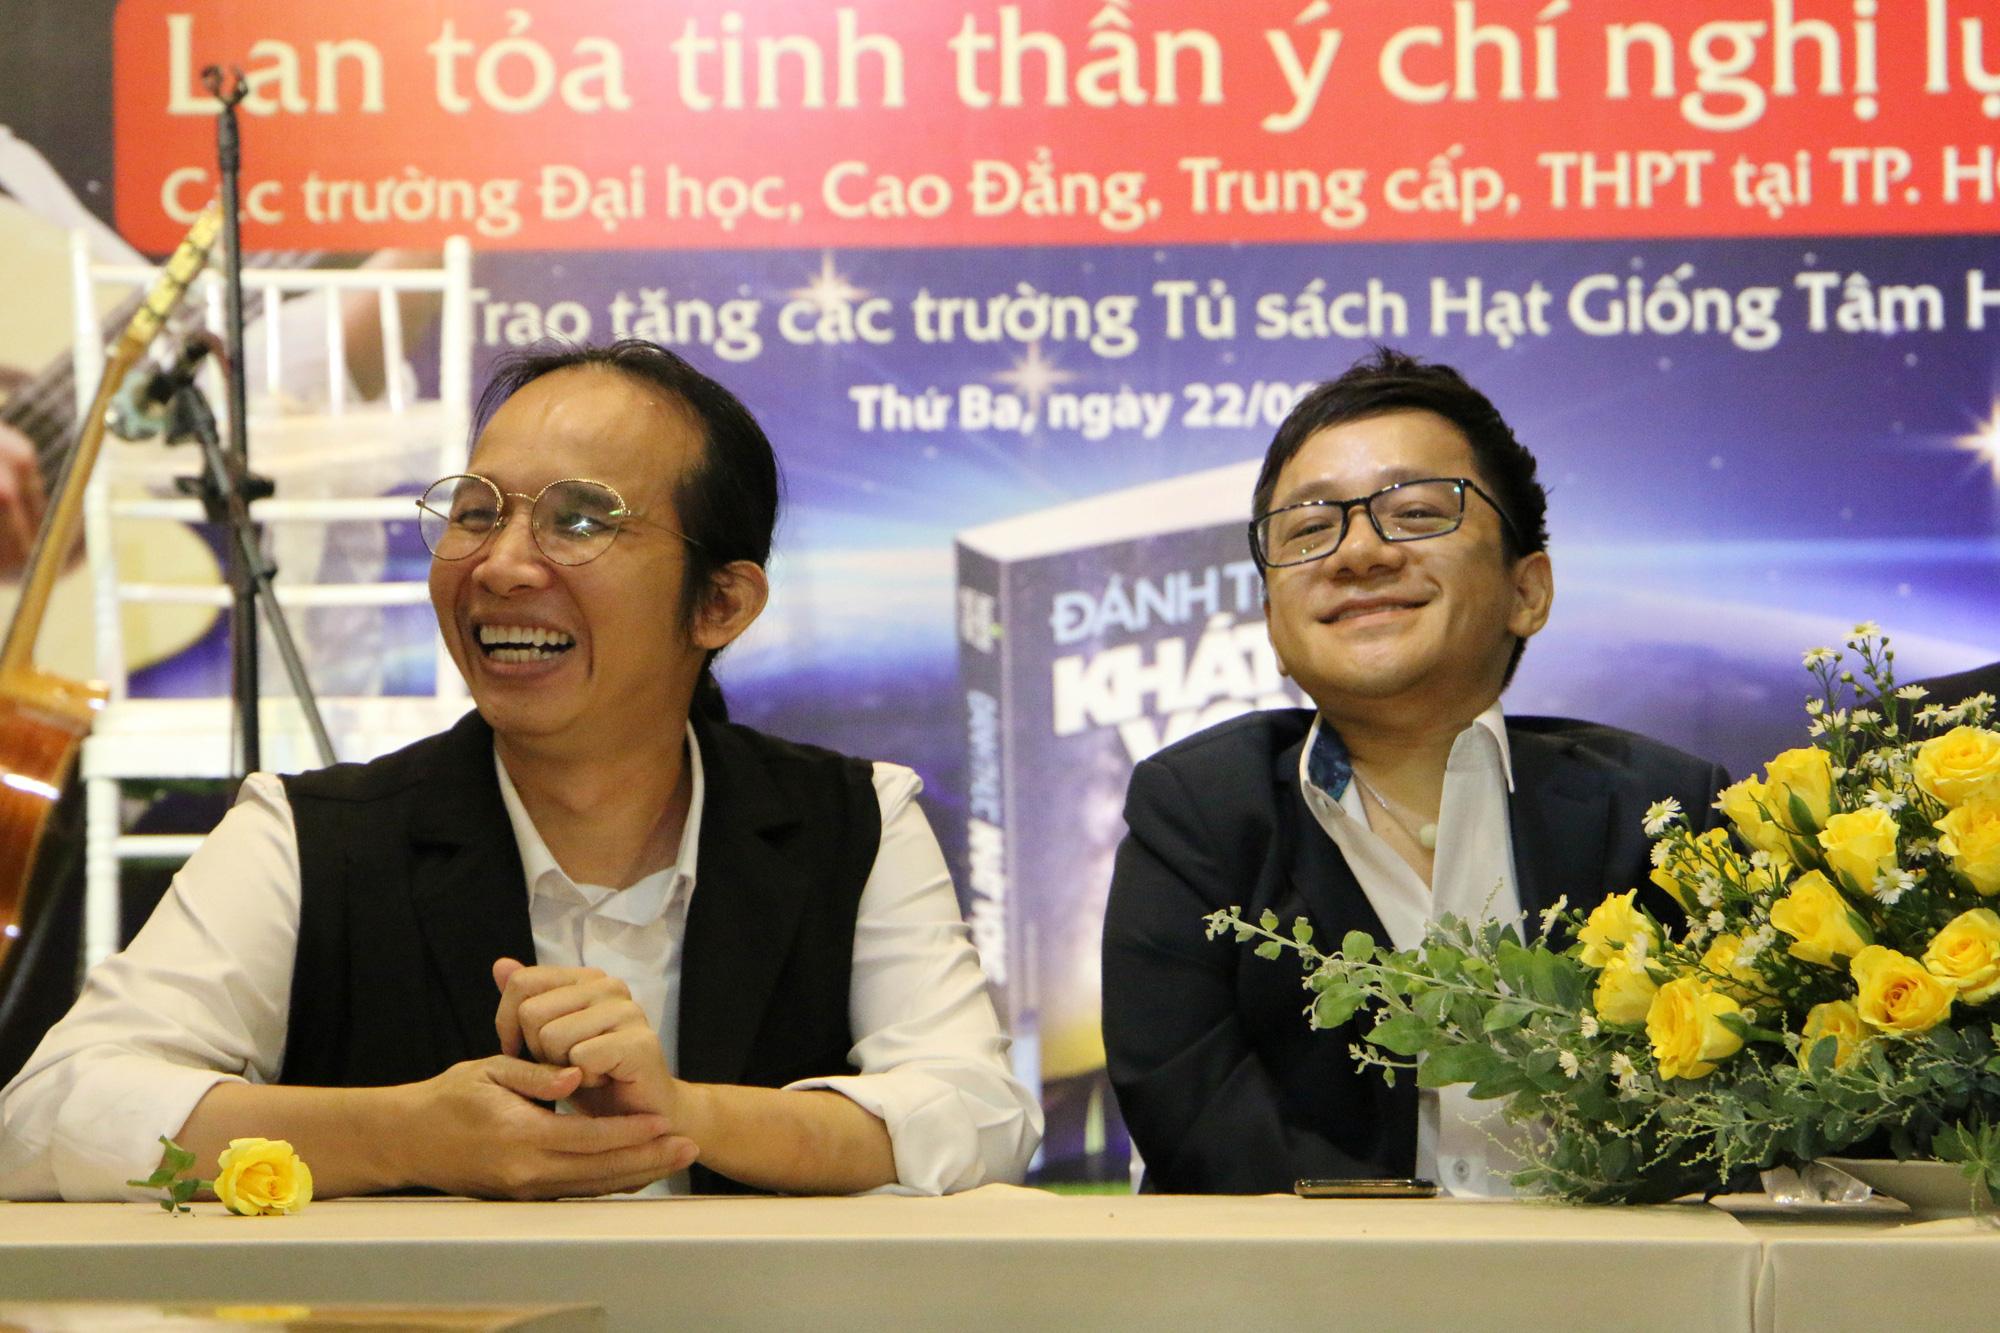 """Diễn giả Sơn Lâm và nhạc sĩ Hà Chương """"Đánh thức khát vọng"""" cho 30.000 học sinh, sinh viên - Ảnh 1."""